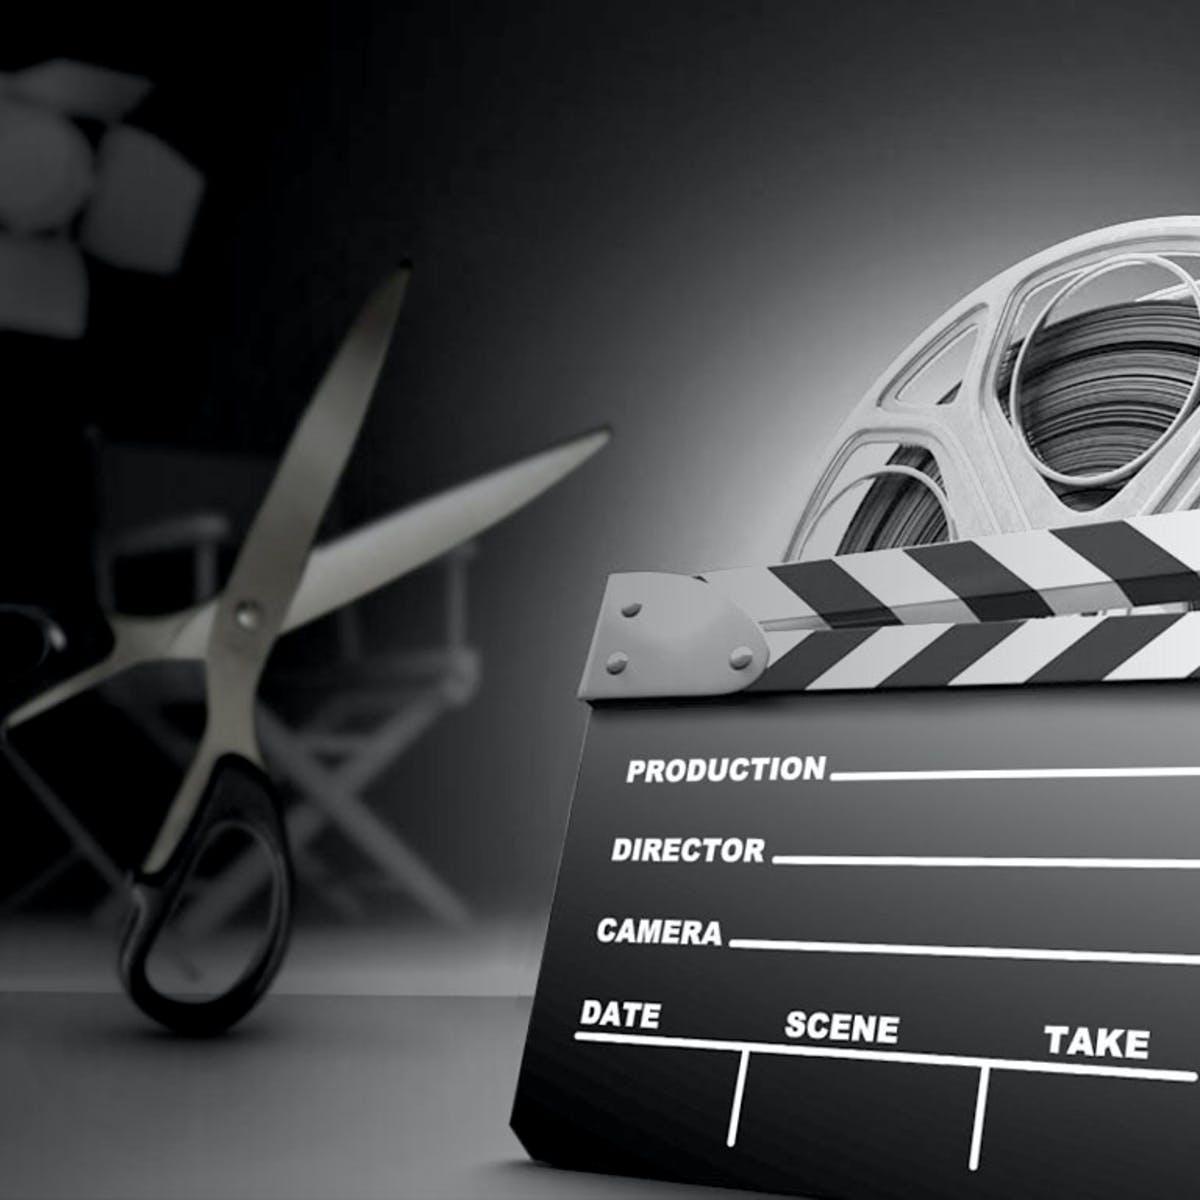 拍摄:像剪辑师一样拍摄